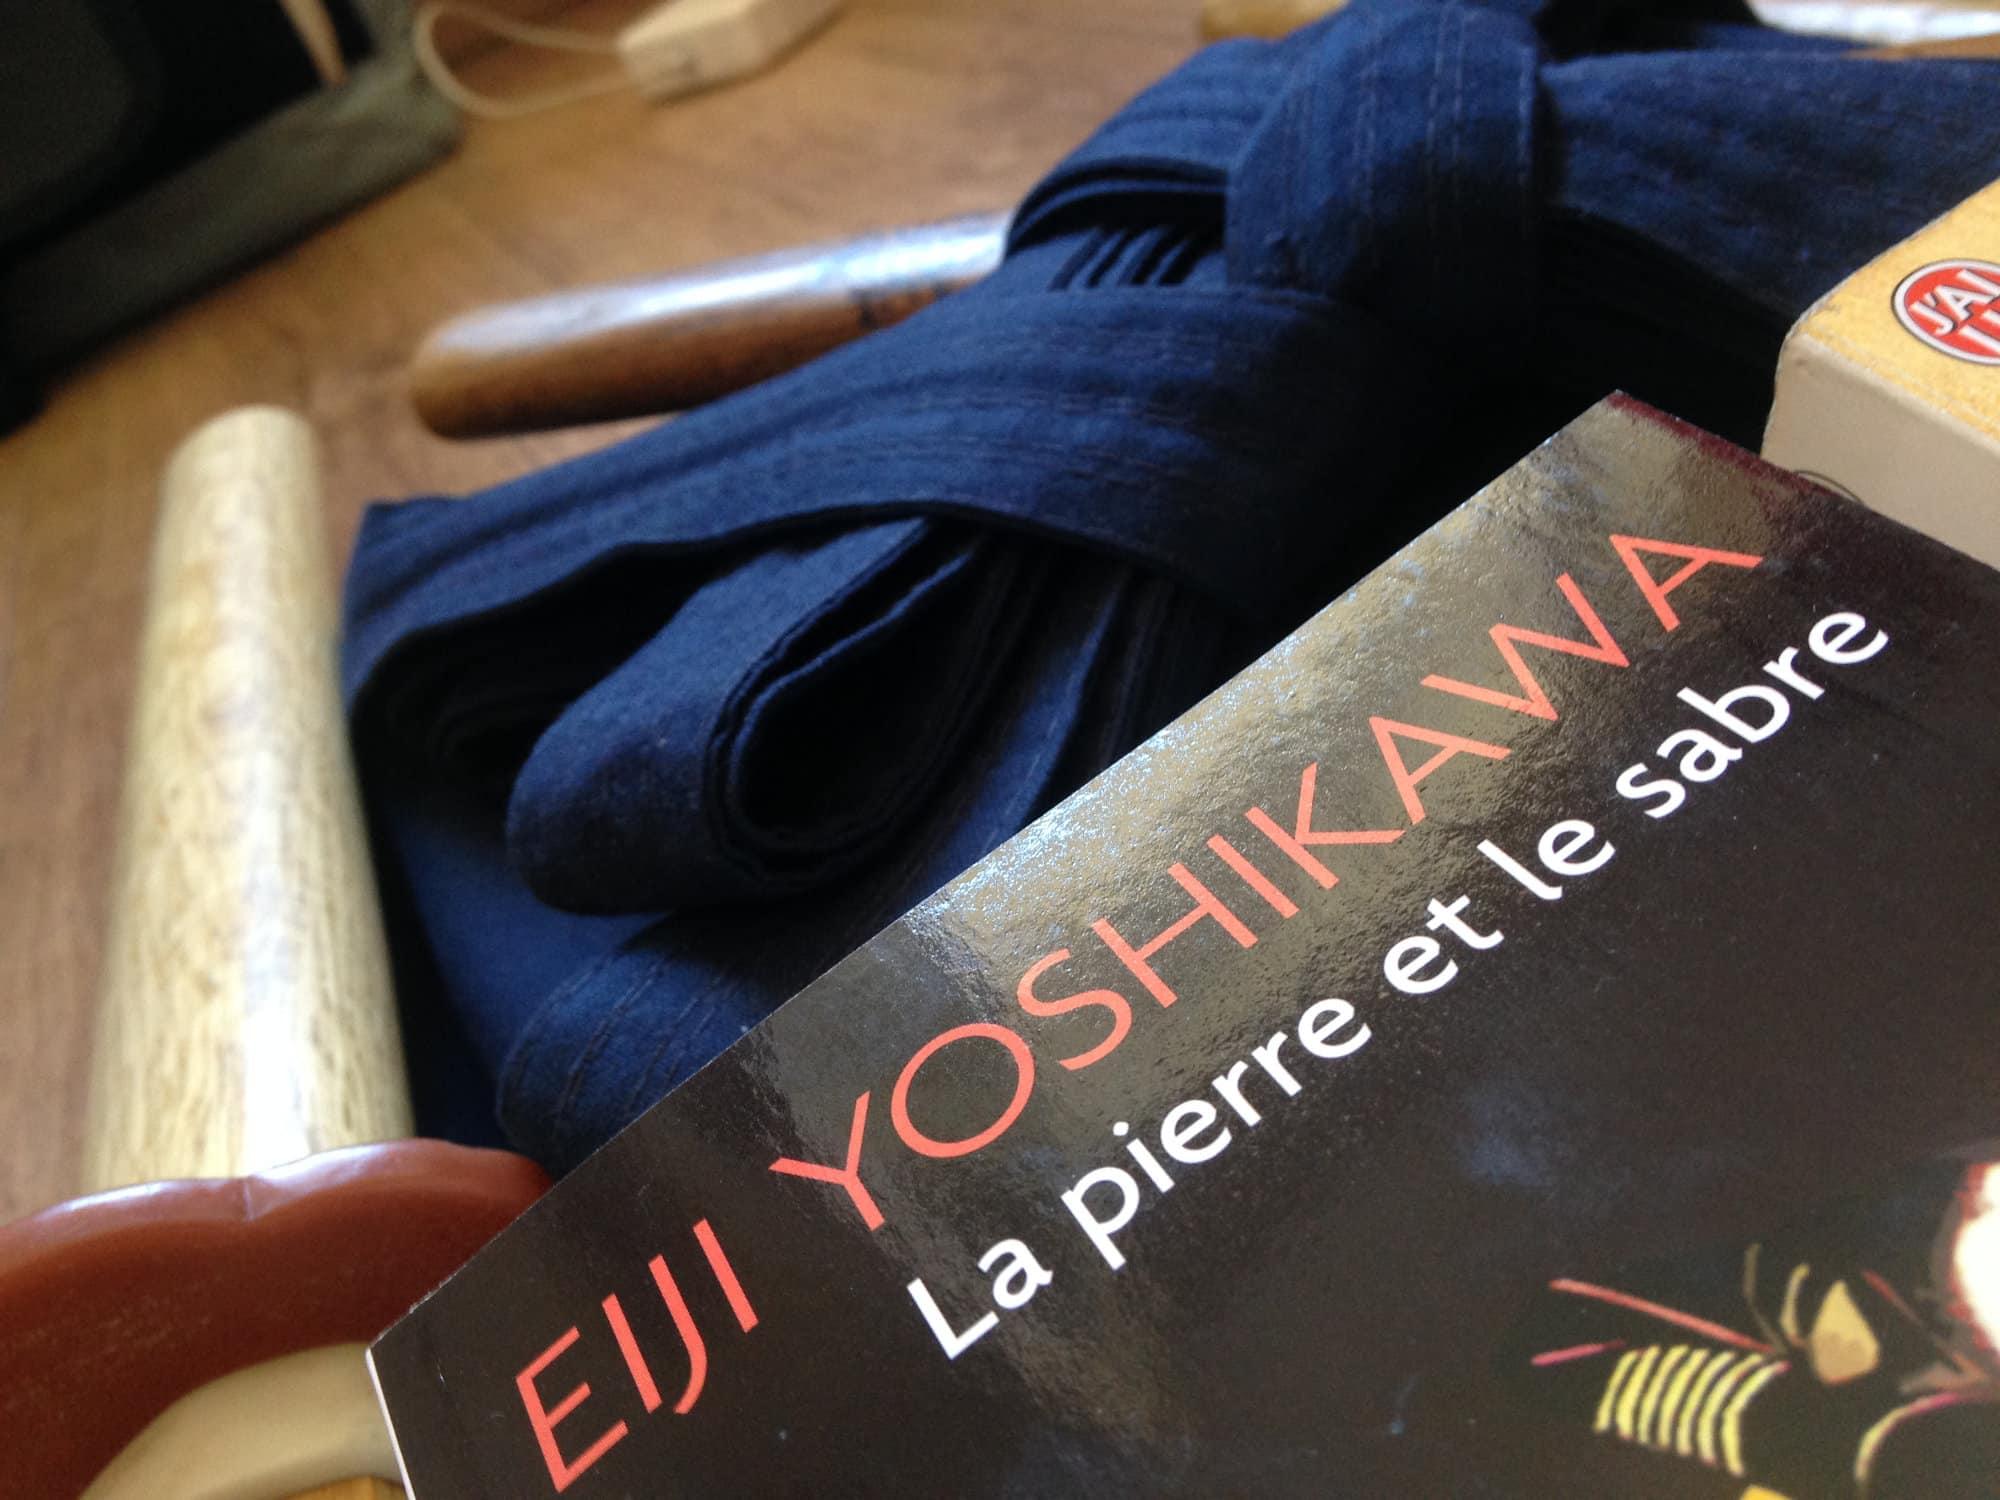 Uchi-Deshi: Aventurier de son existence (+ point culture)